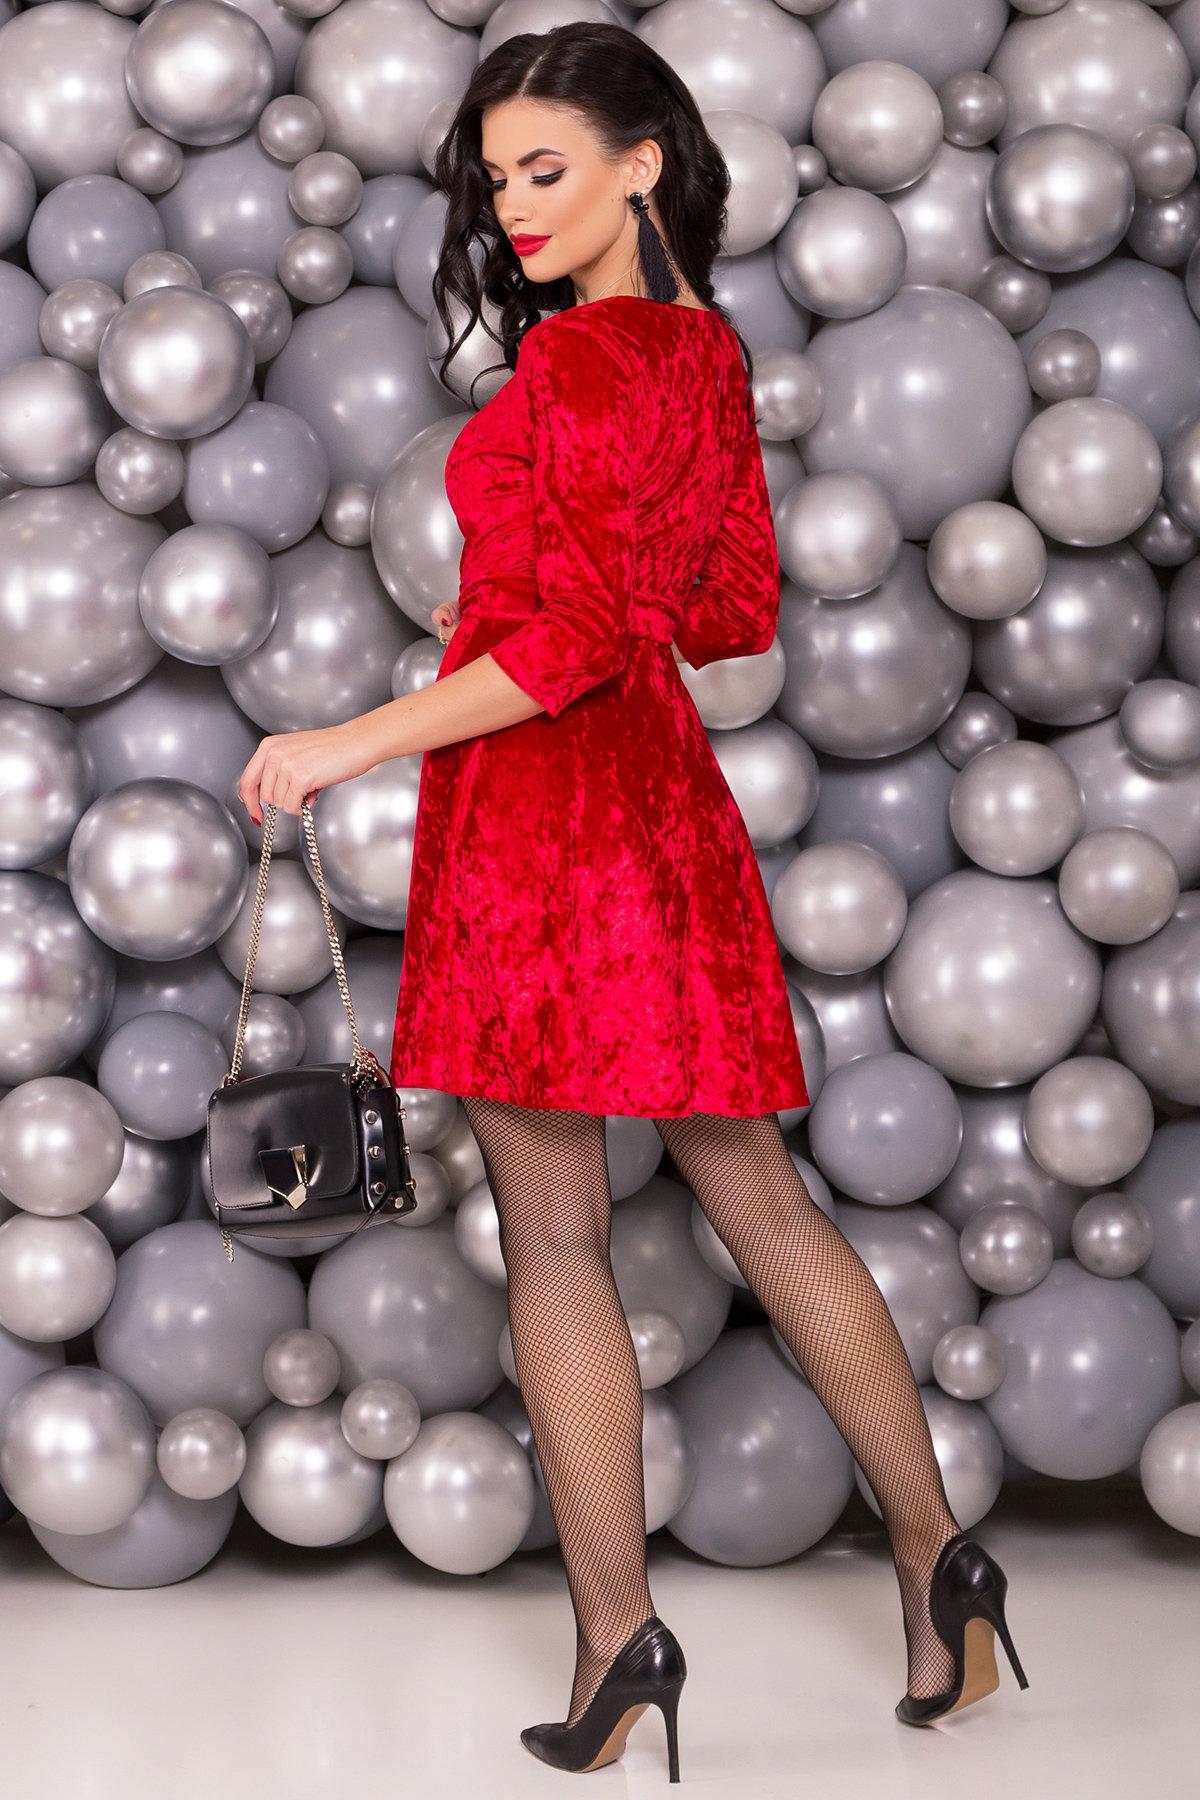 Платье Келли 6027 АРТ. 40650 Цвет: Красный - фото 2, интернет магазин tm-modus.ru